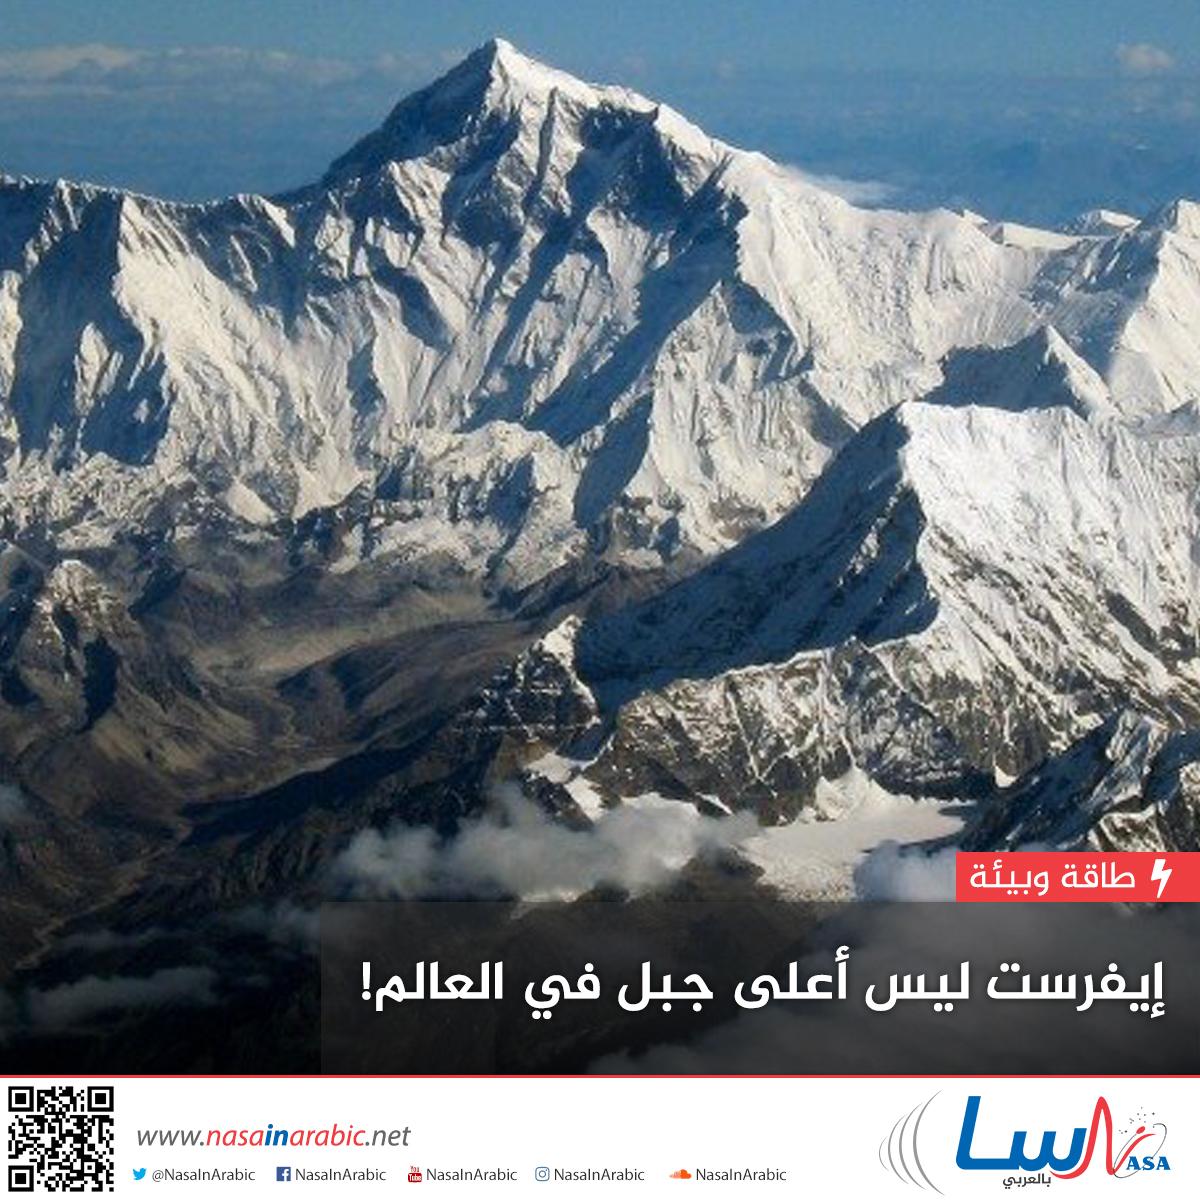 ناسا بالعربي إيفرست ليس أعلى جبل في العالم